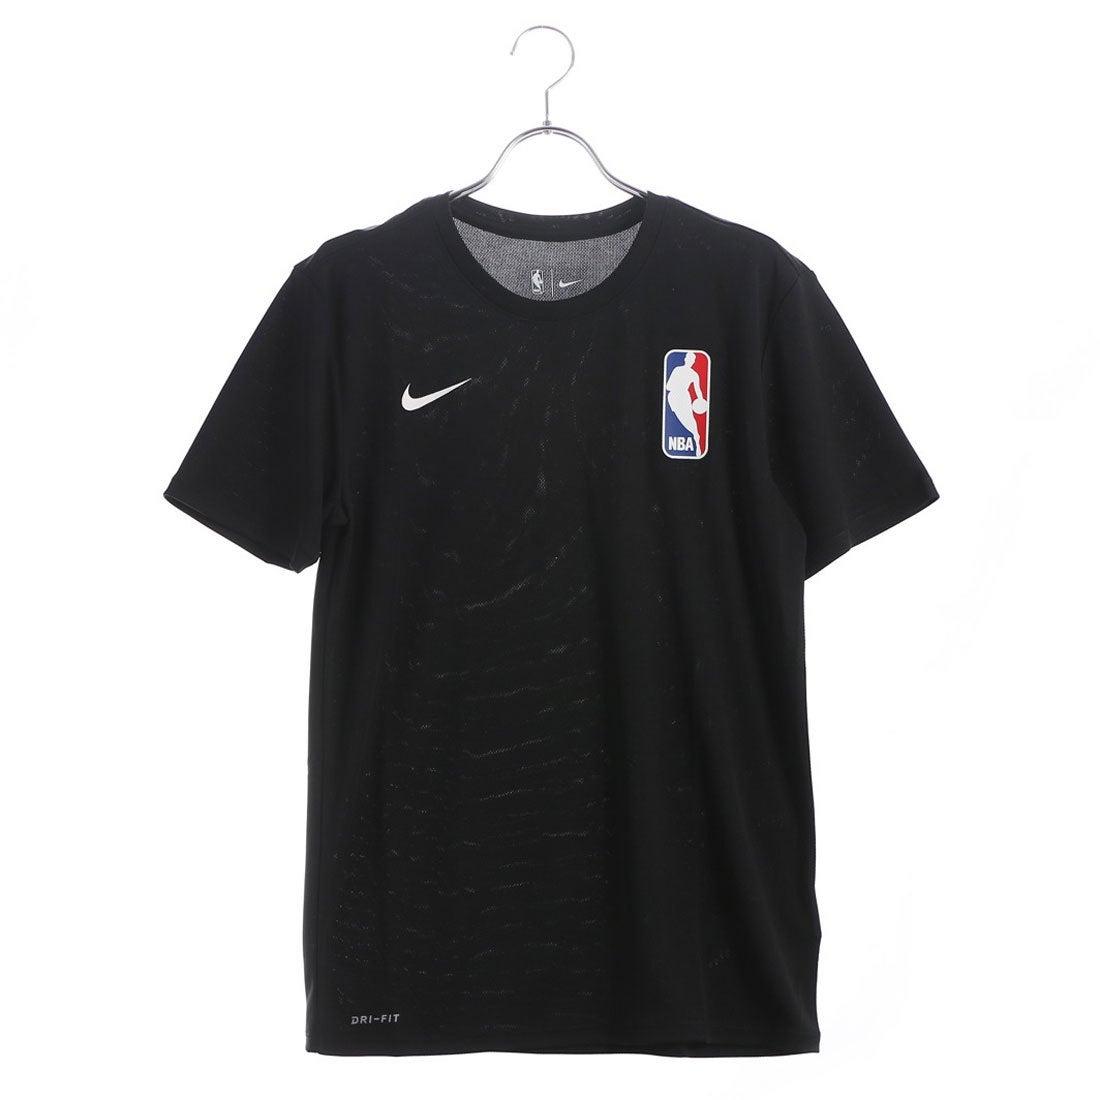 ナイキ NIKE バスケットボール 半袖Tシャツ  SMALL JERRY WEST LOGO S/S Tシャツ AH9204010